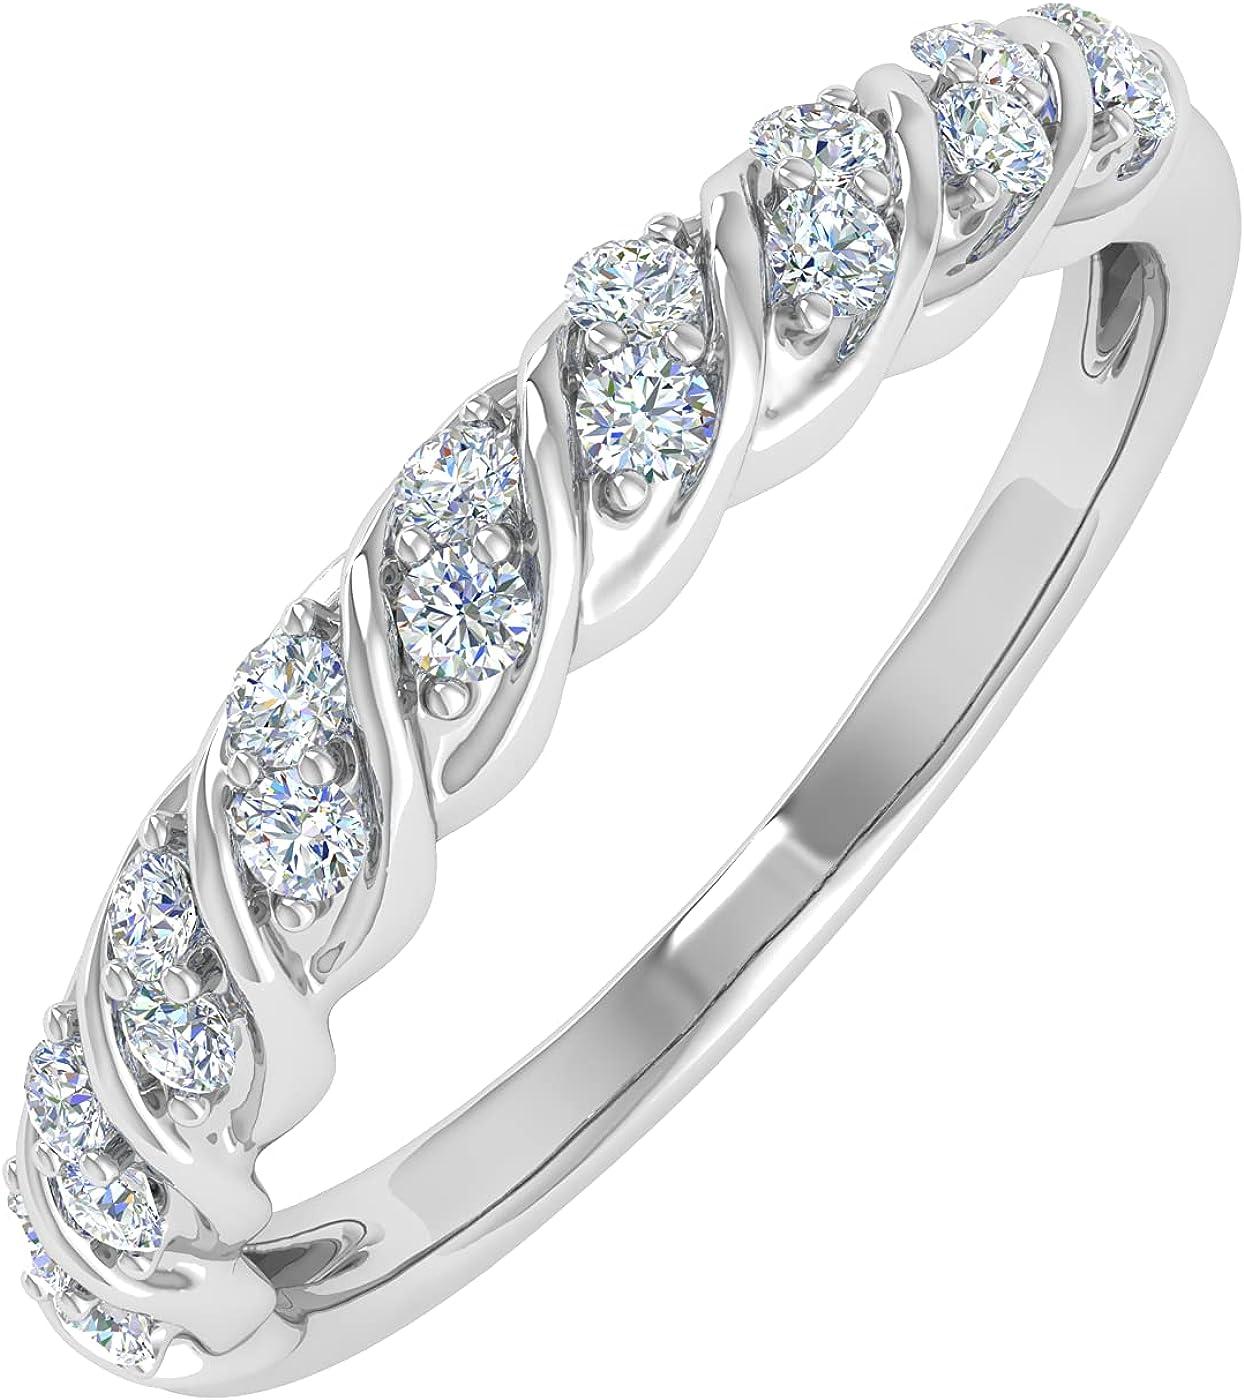 1/4 Carat Diamond Wedding Band Ring in 14K Gold